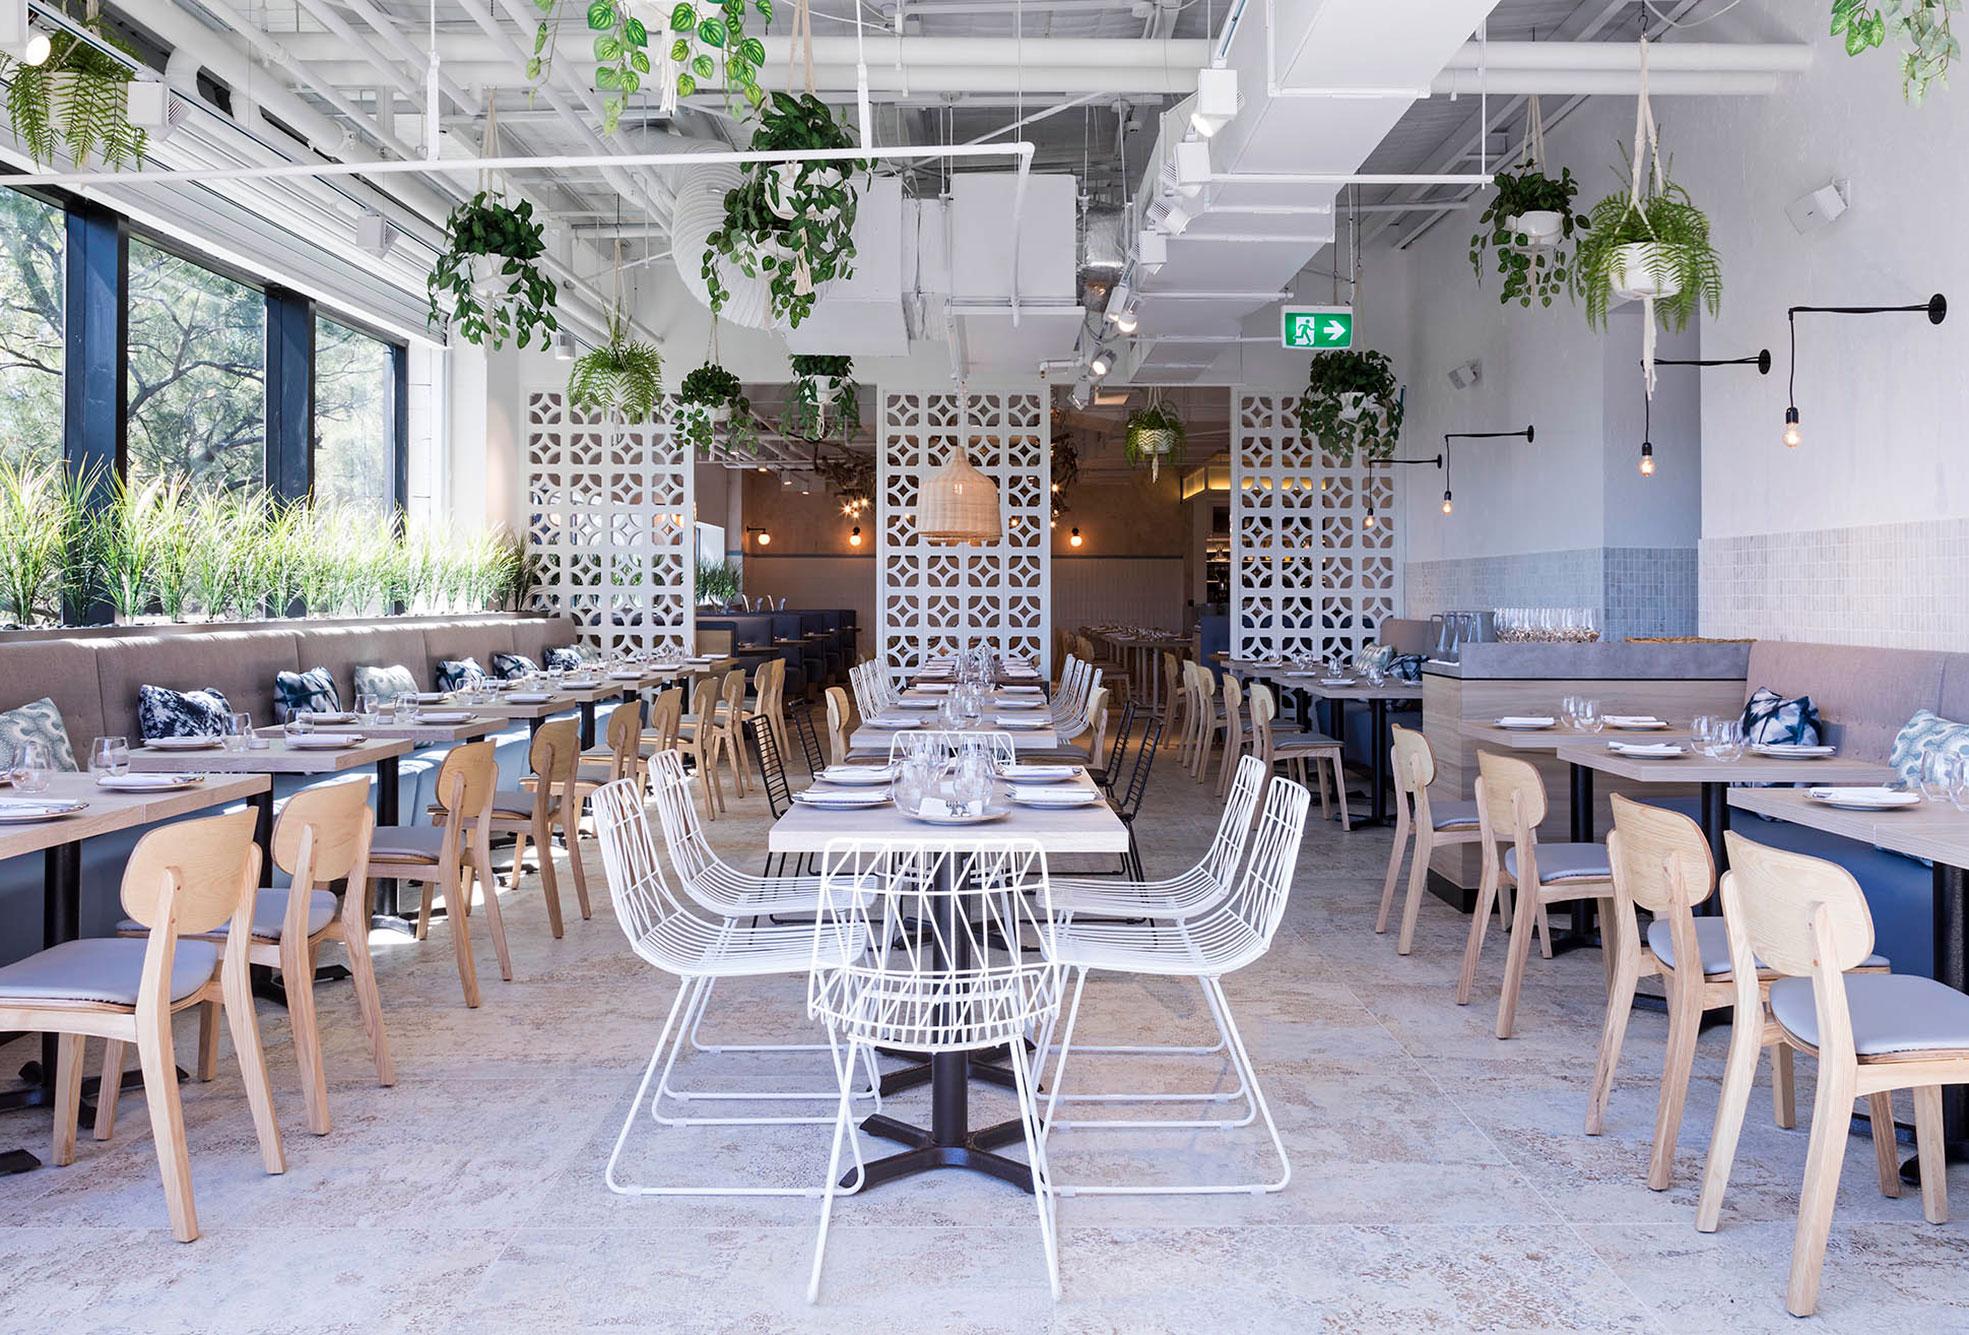 Jensen's Restaurant & Bar - Kareela Village - Giant Design